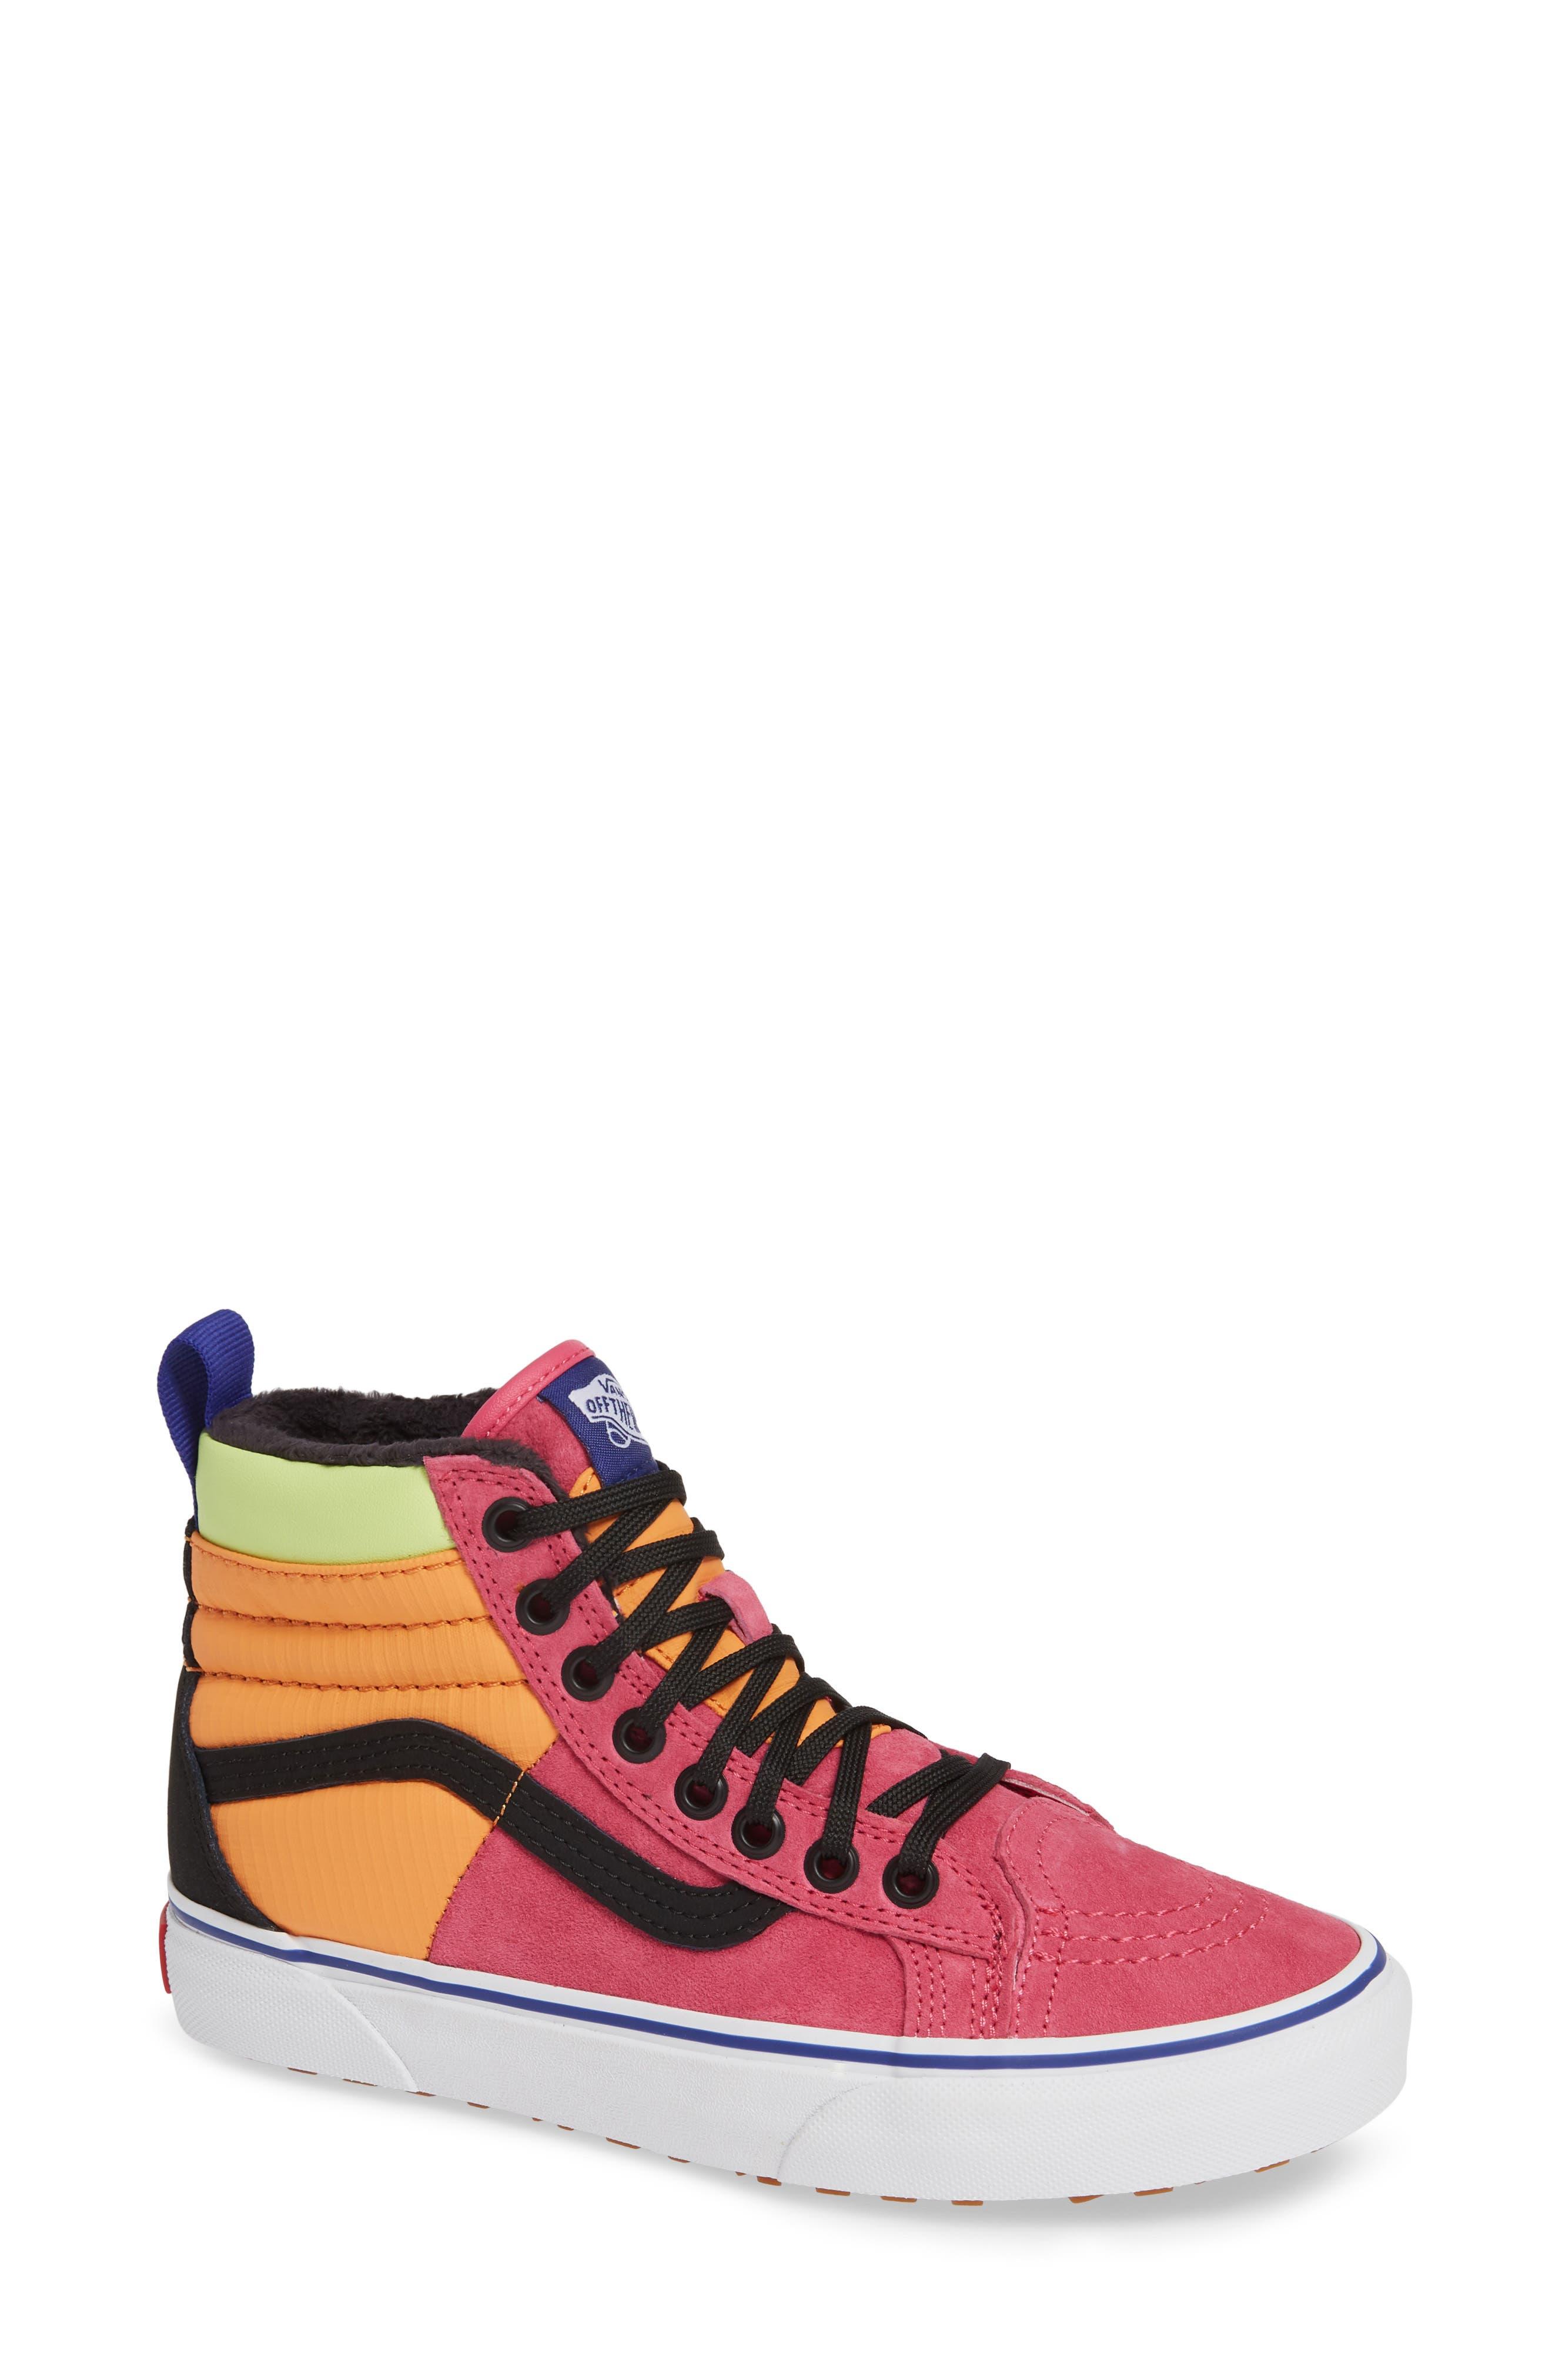 VANS Sk8-Hi 46 MTE DX Sneaker, Main, color, PINK YARROW/ TANGERINE/ BLACK